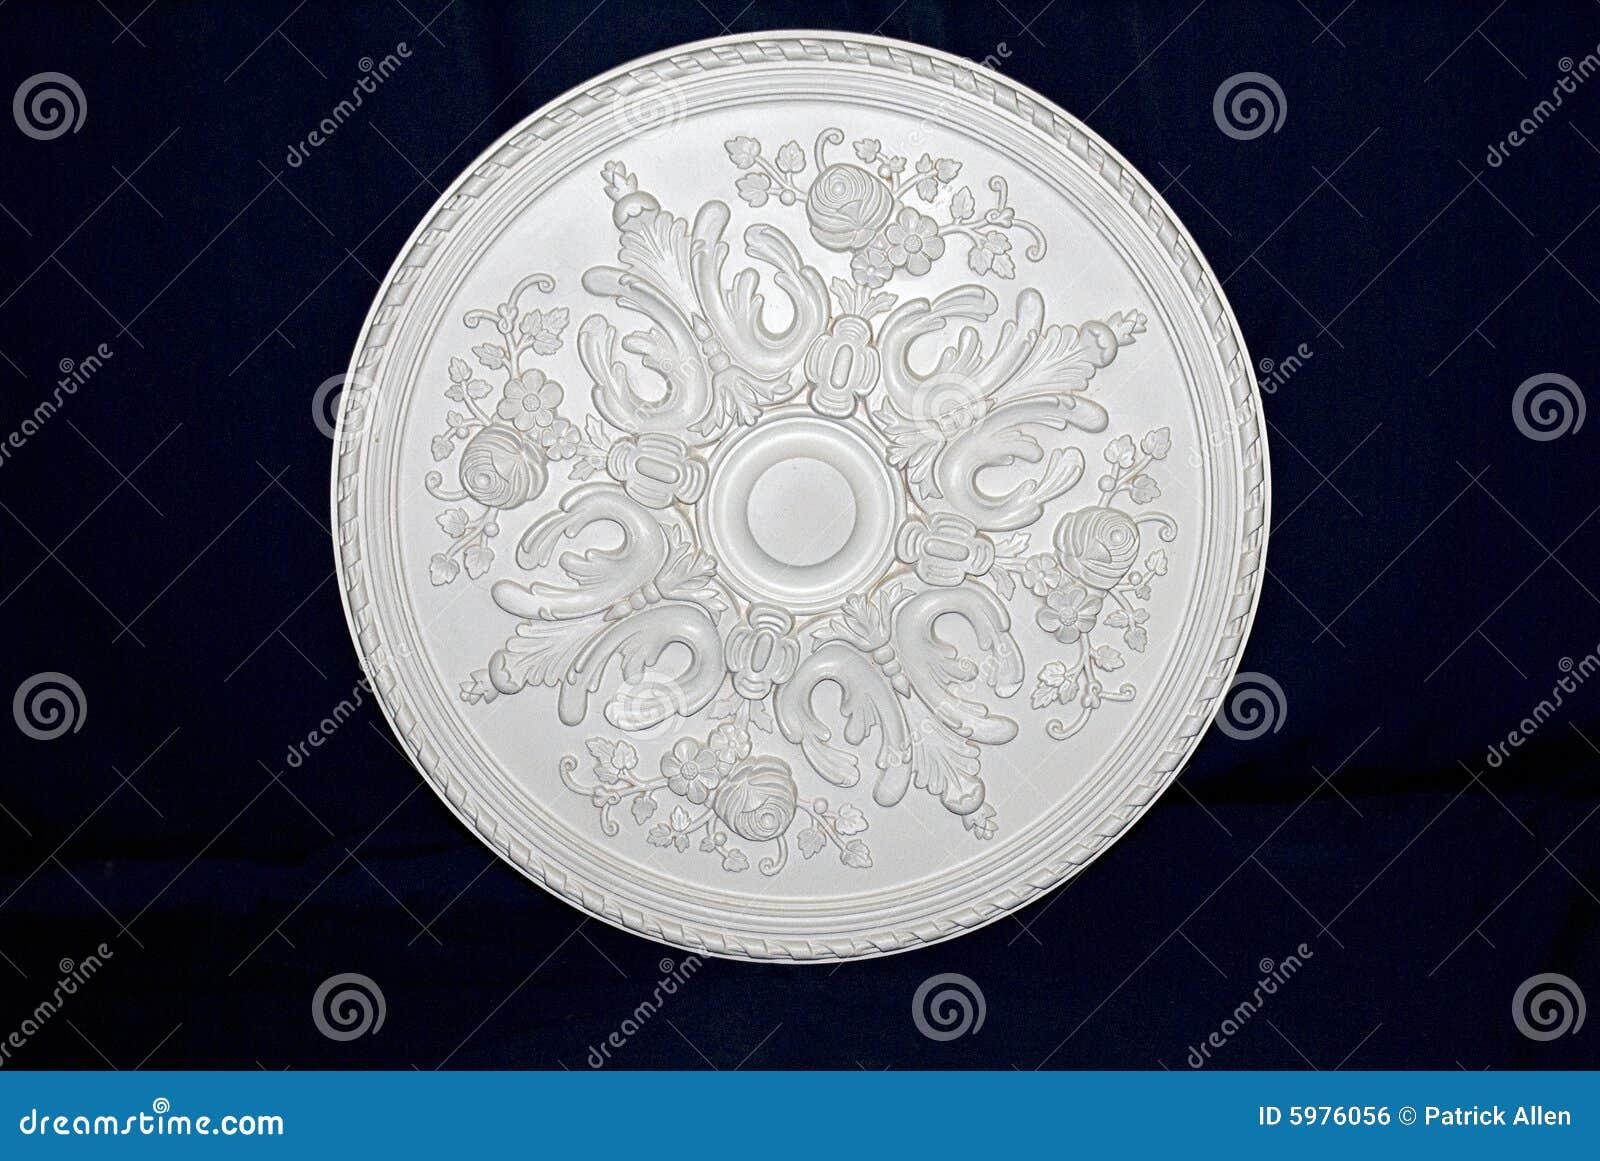 Decorative Ceiling Rose - 04